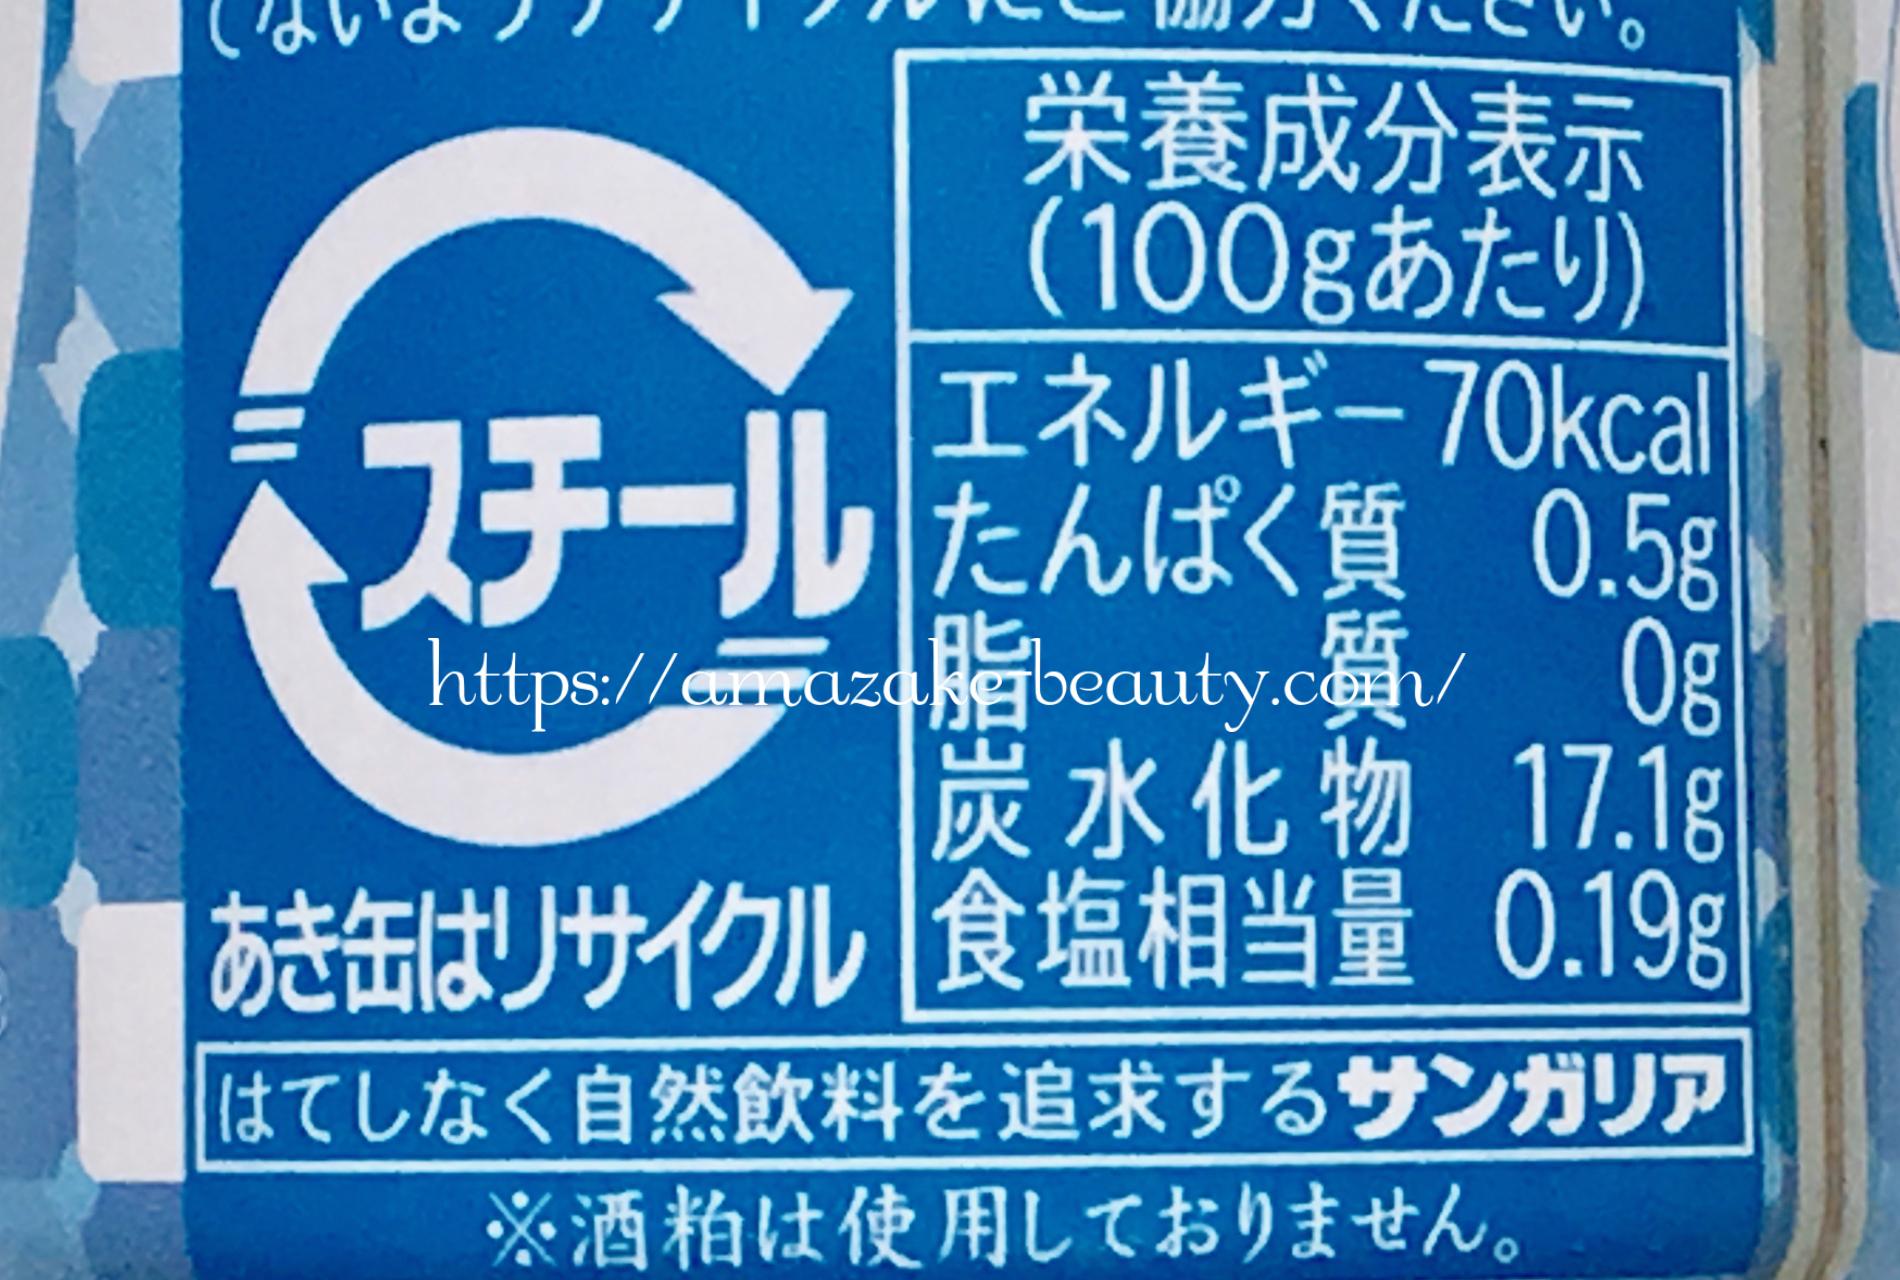 [amazake]sangaria[hiyashi amazake](nutrition information)